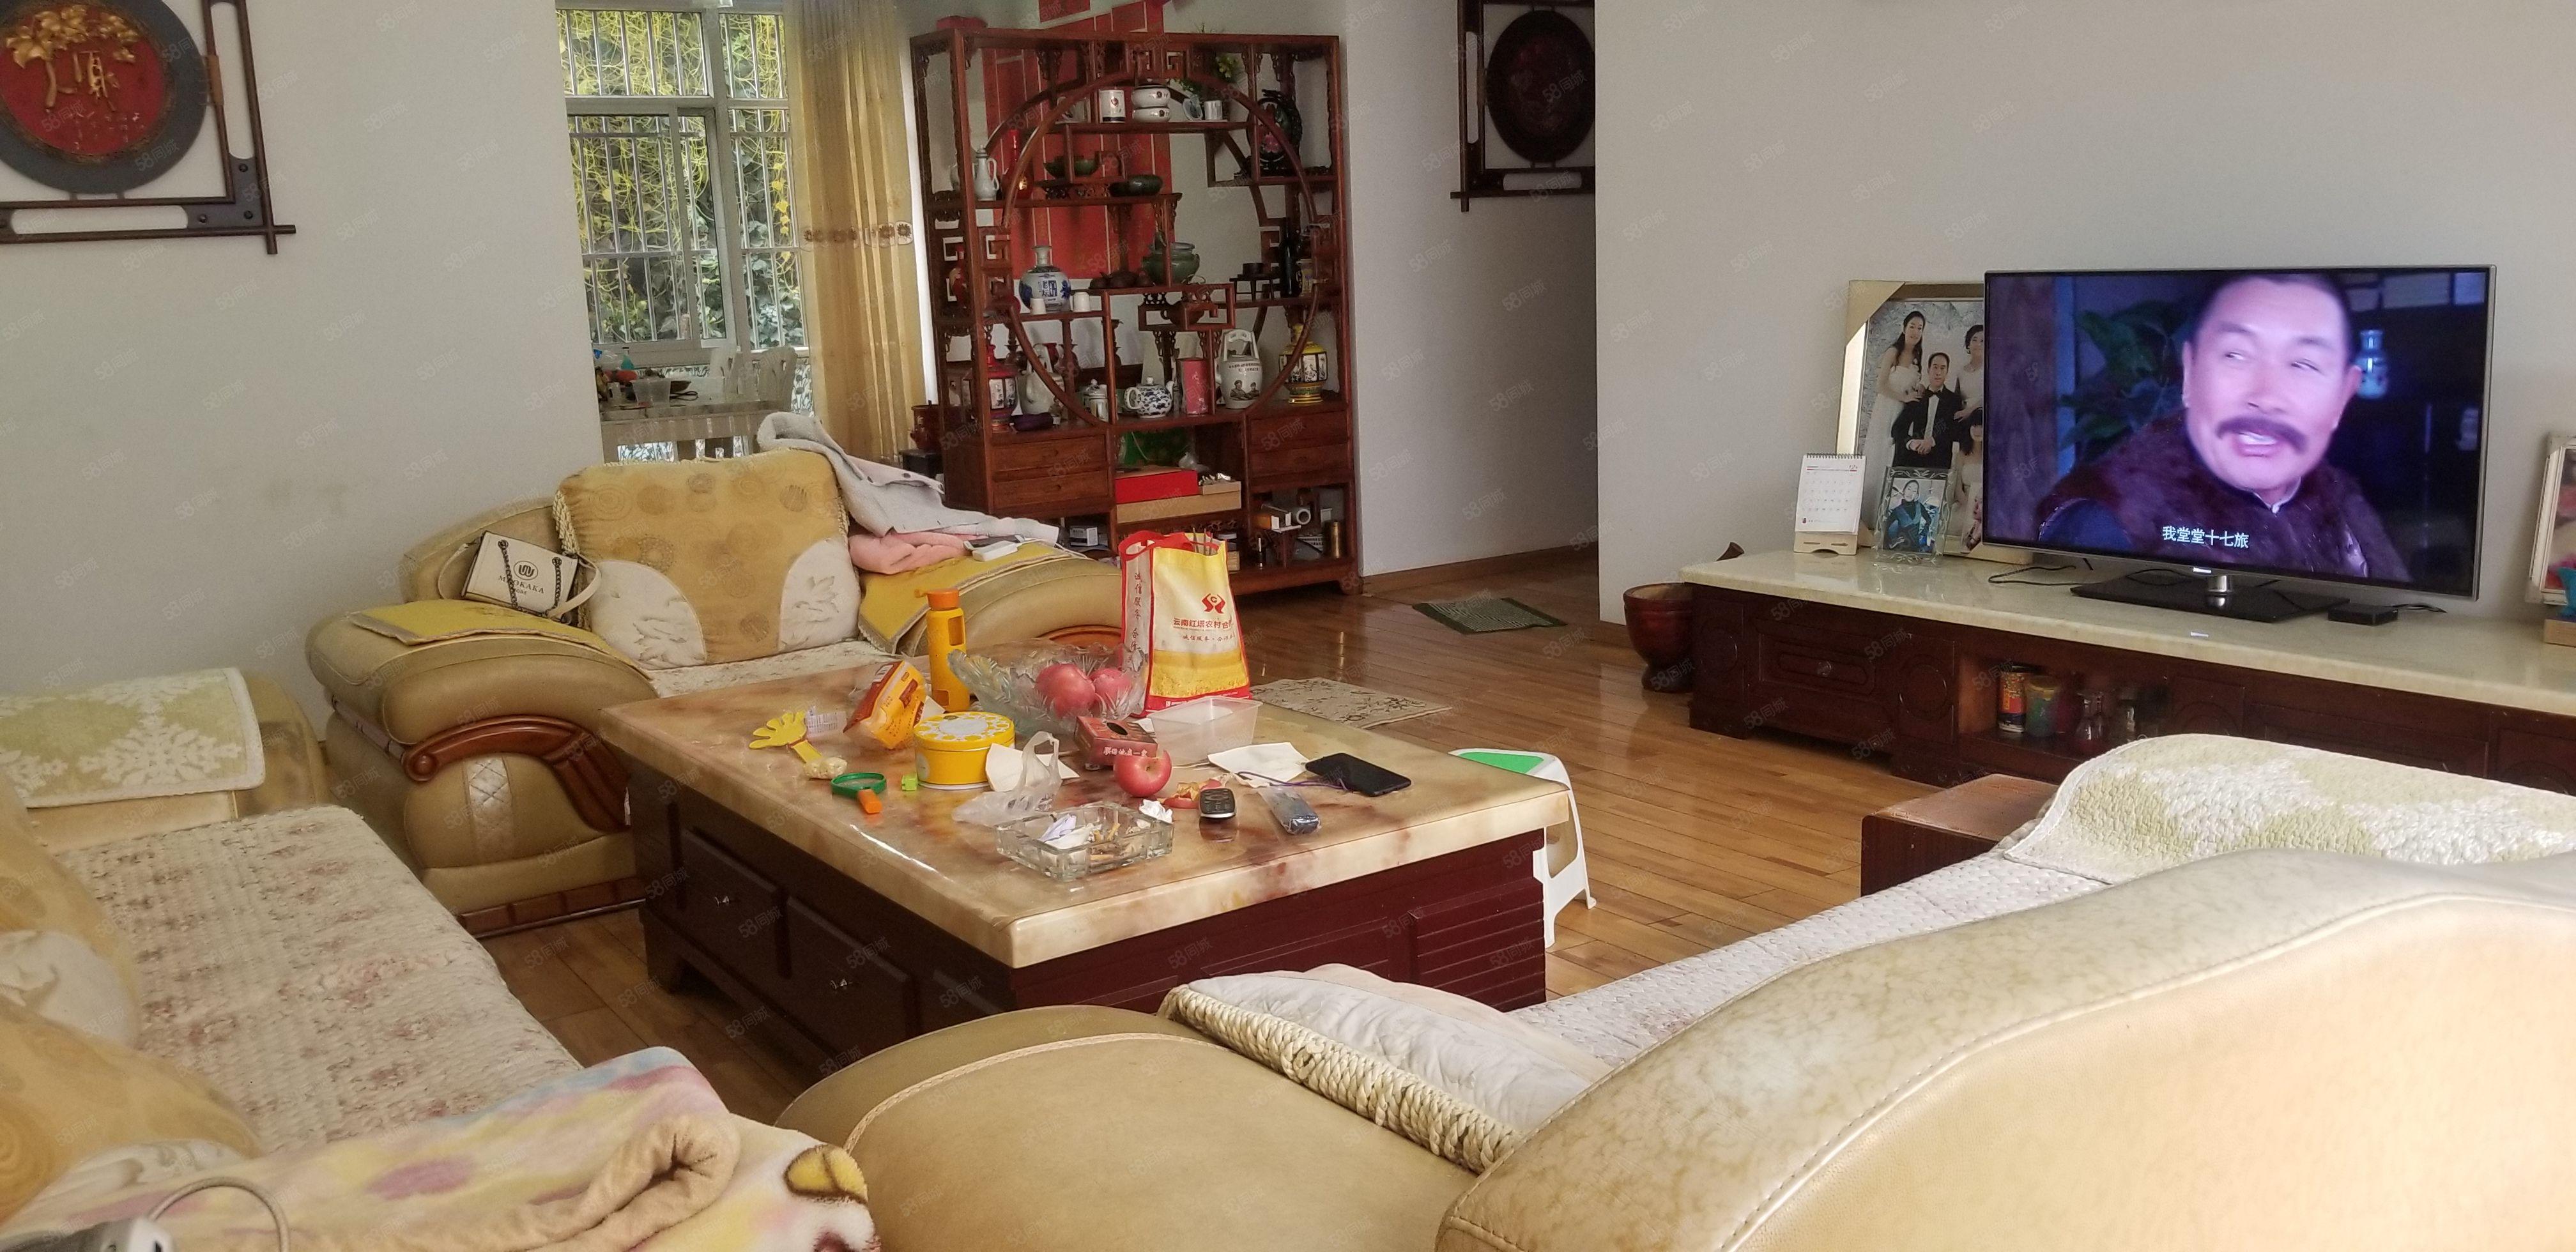 北苑145平米精装四室南北向涂料单位房诚信金沙官方平台